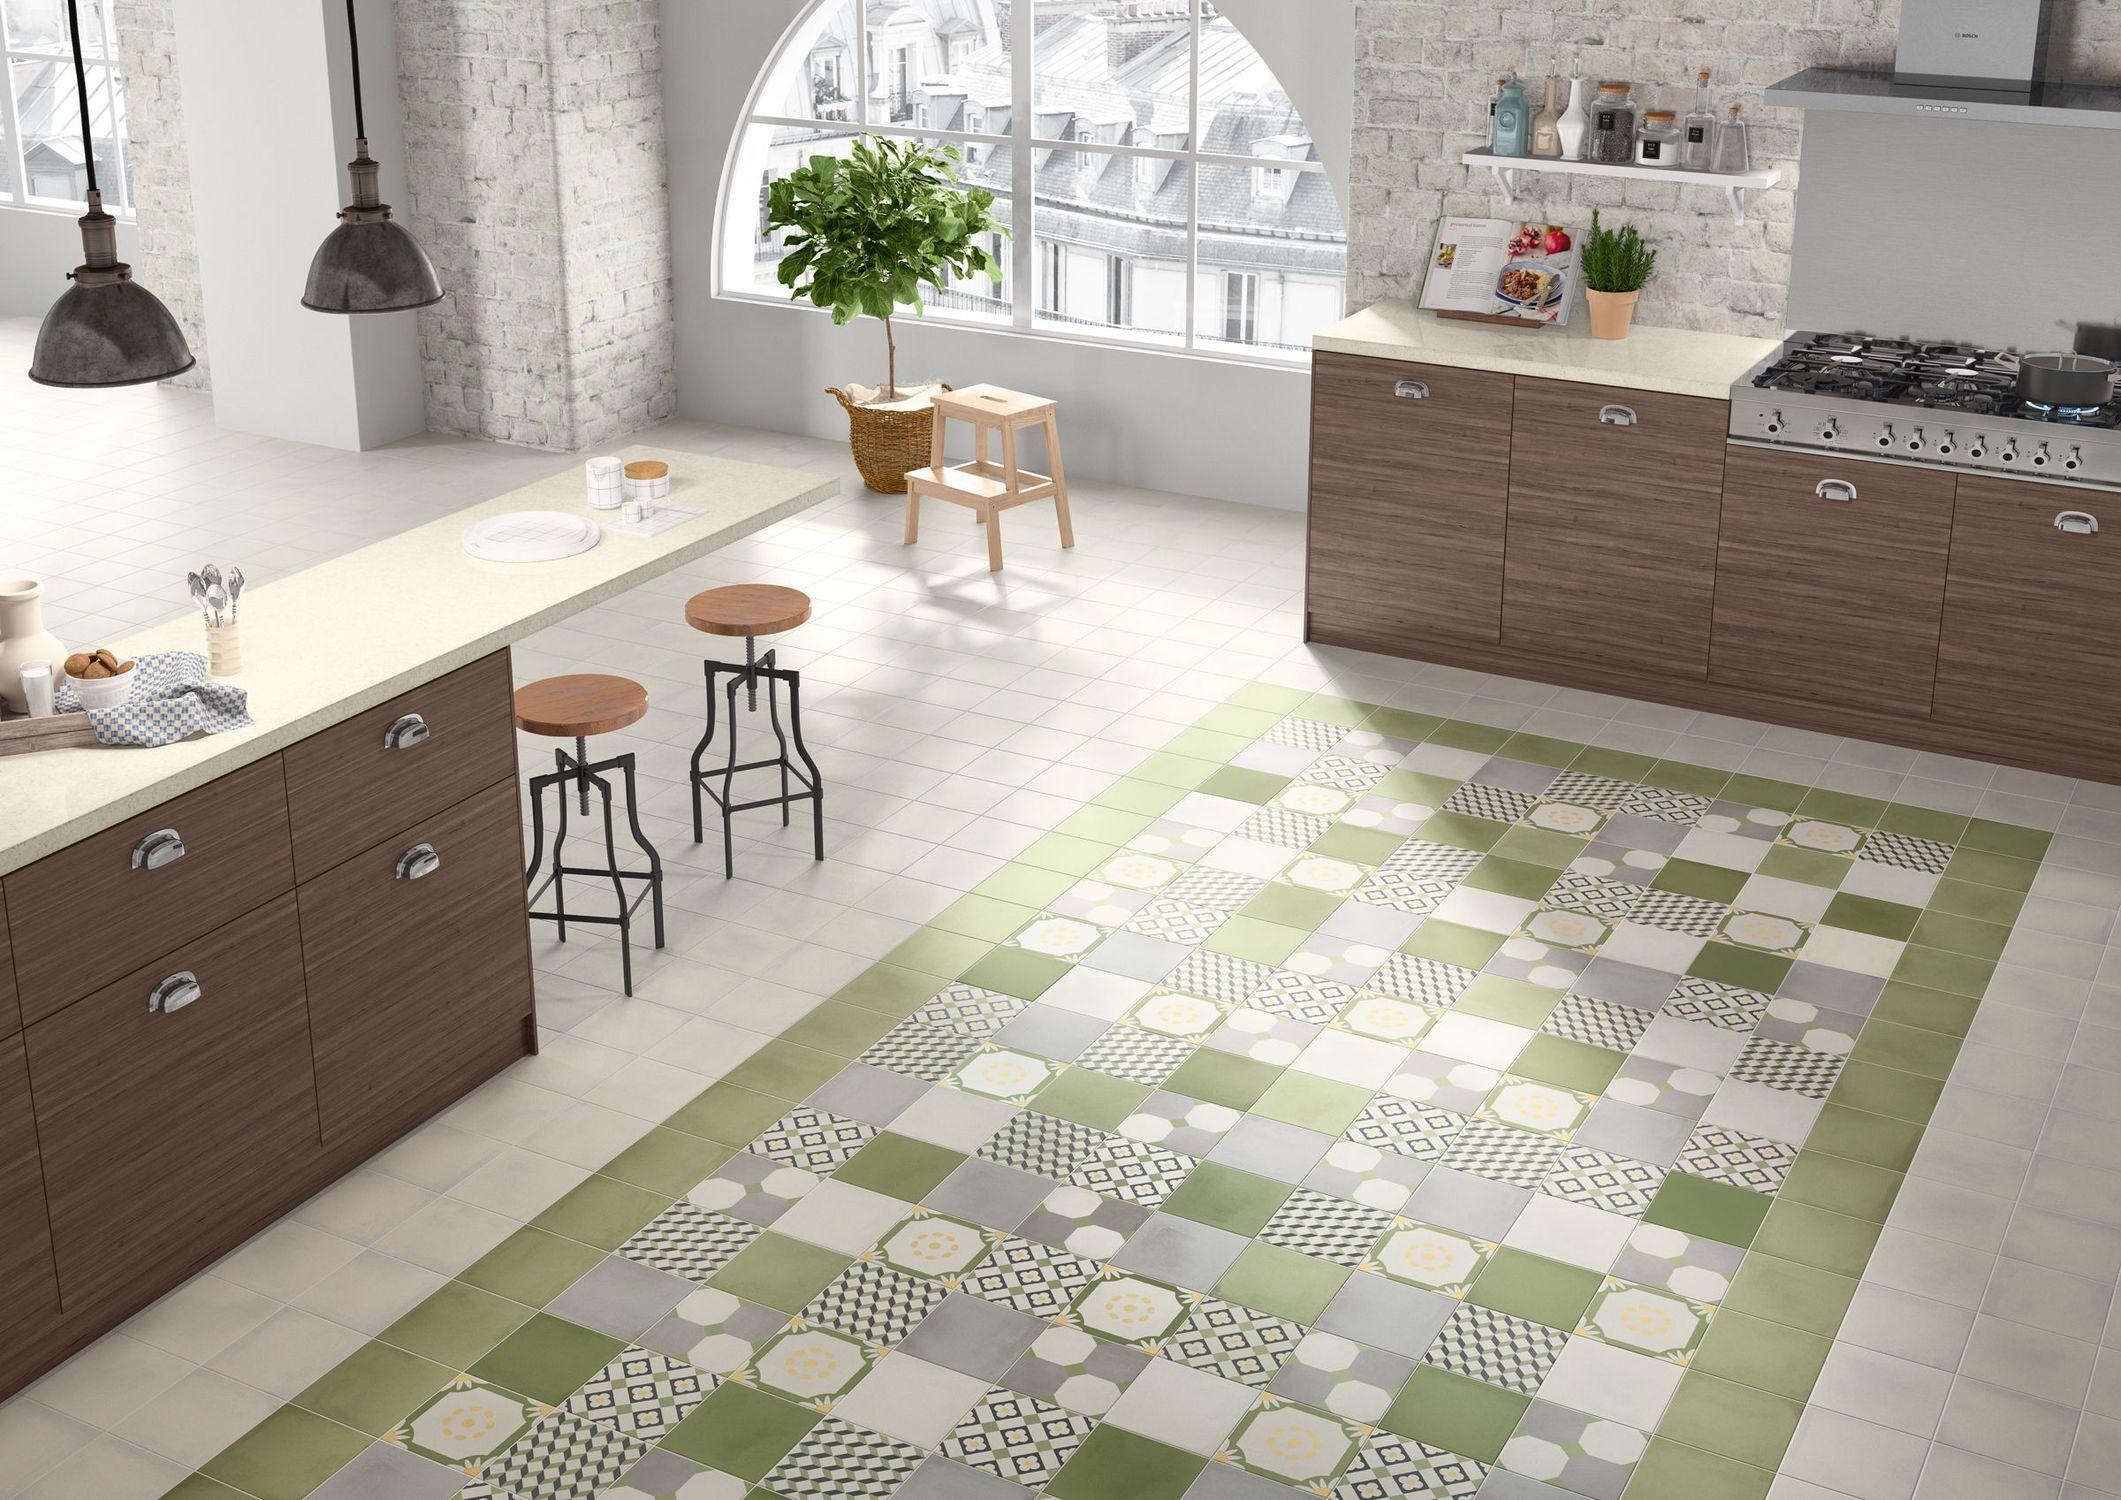 Piastrella da cucina da pavimento in gres porcellanato motivo